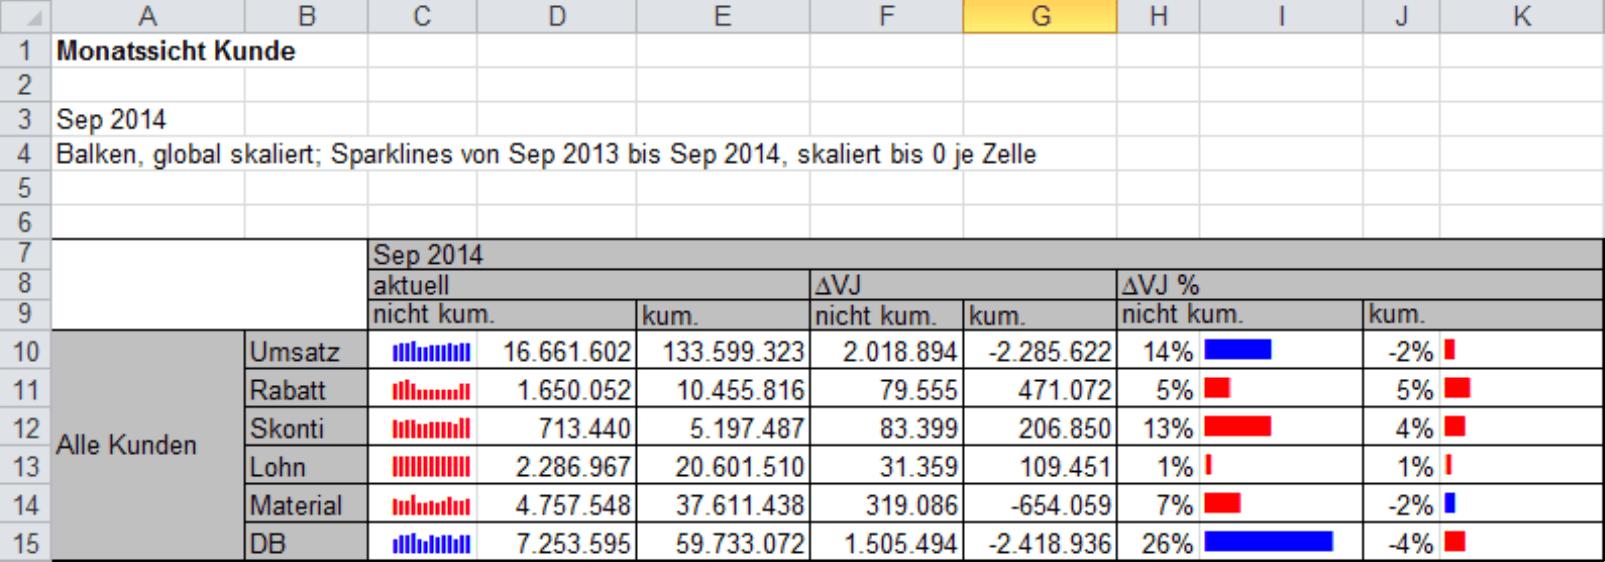 SparkFonts, in die Zellen der Excel-Tabelle eingefügt